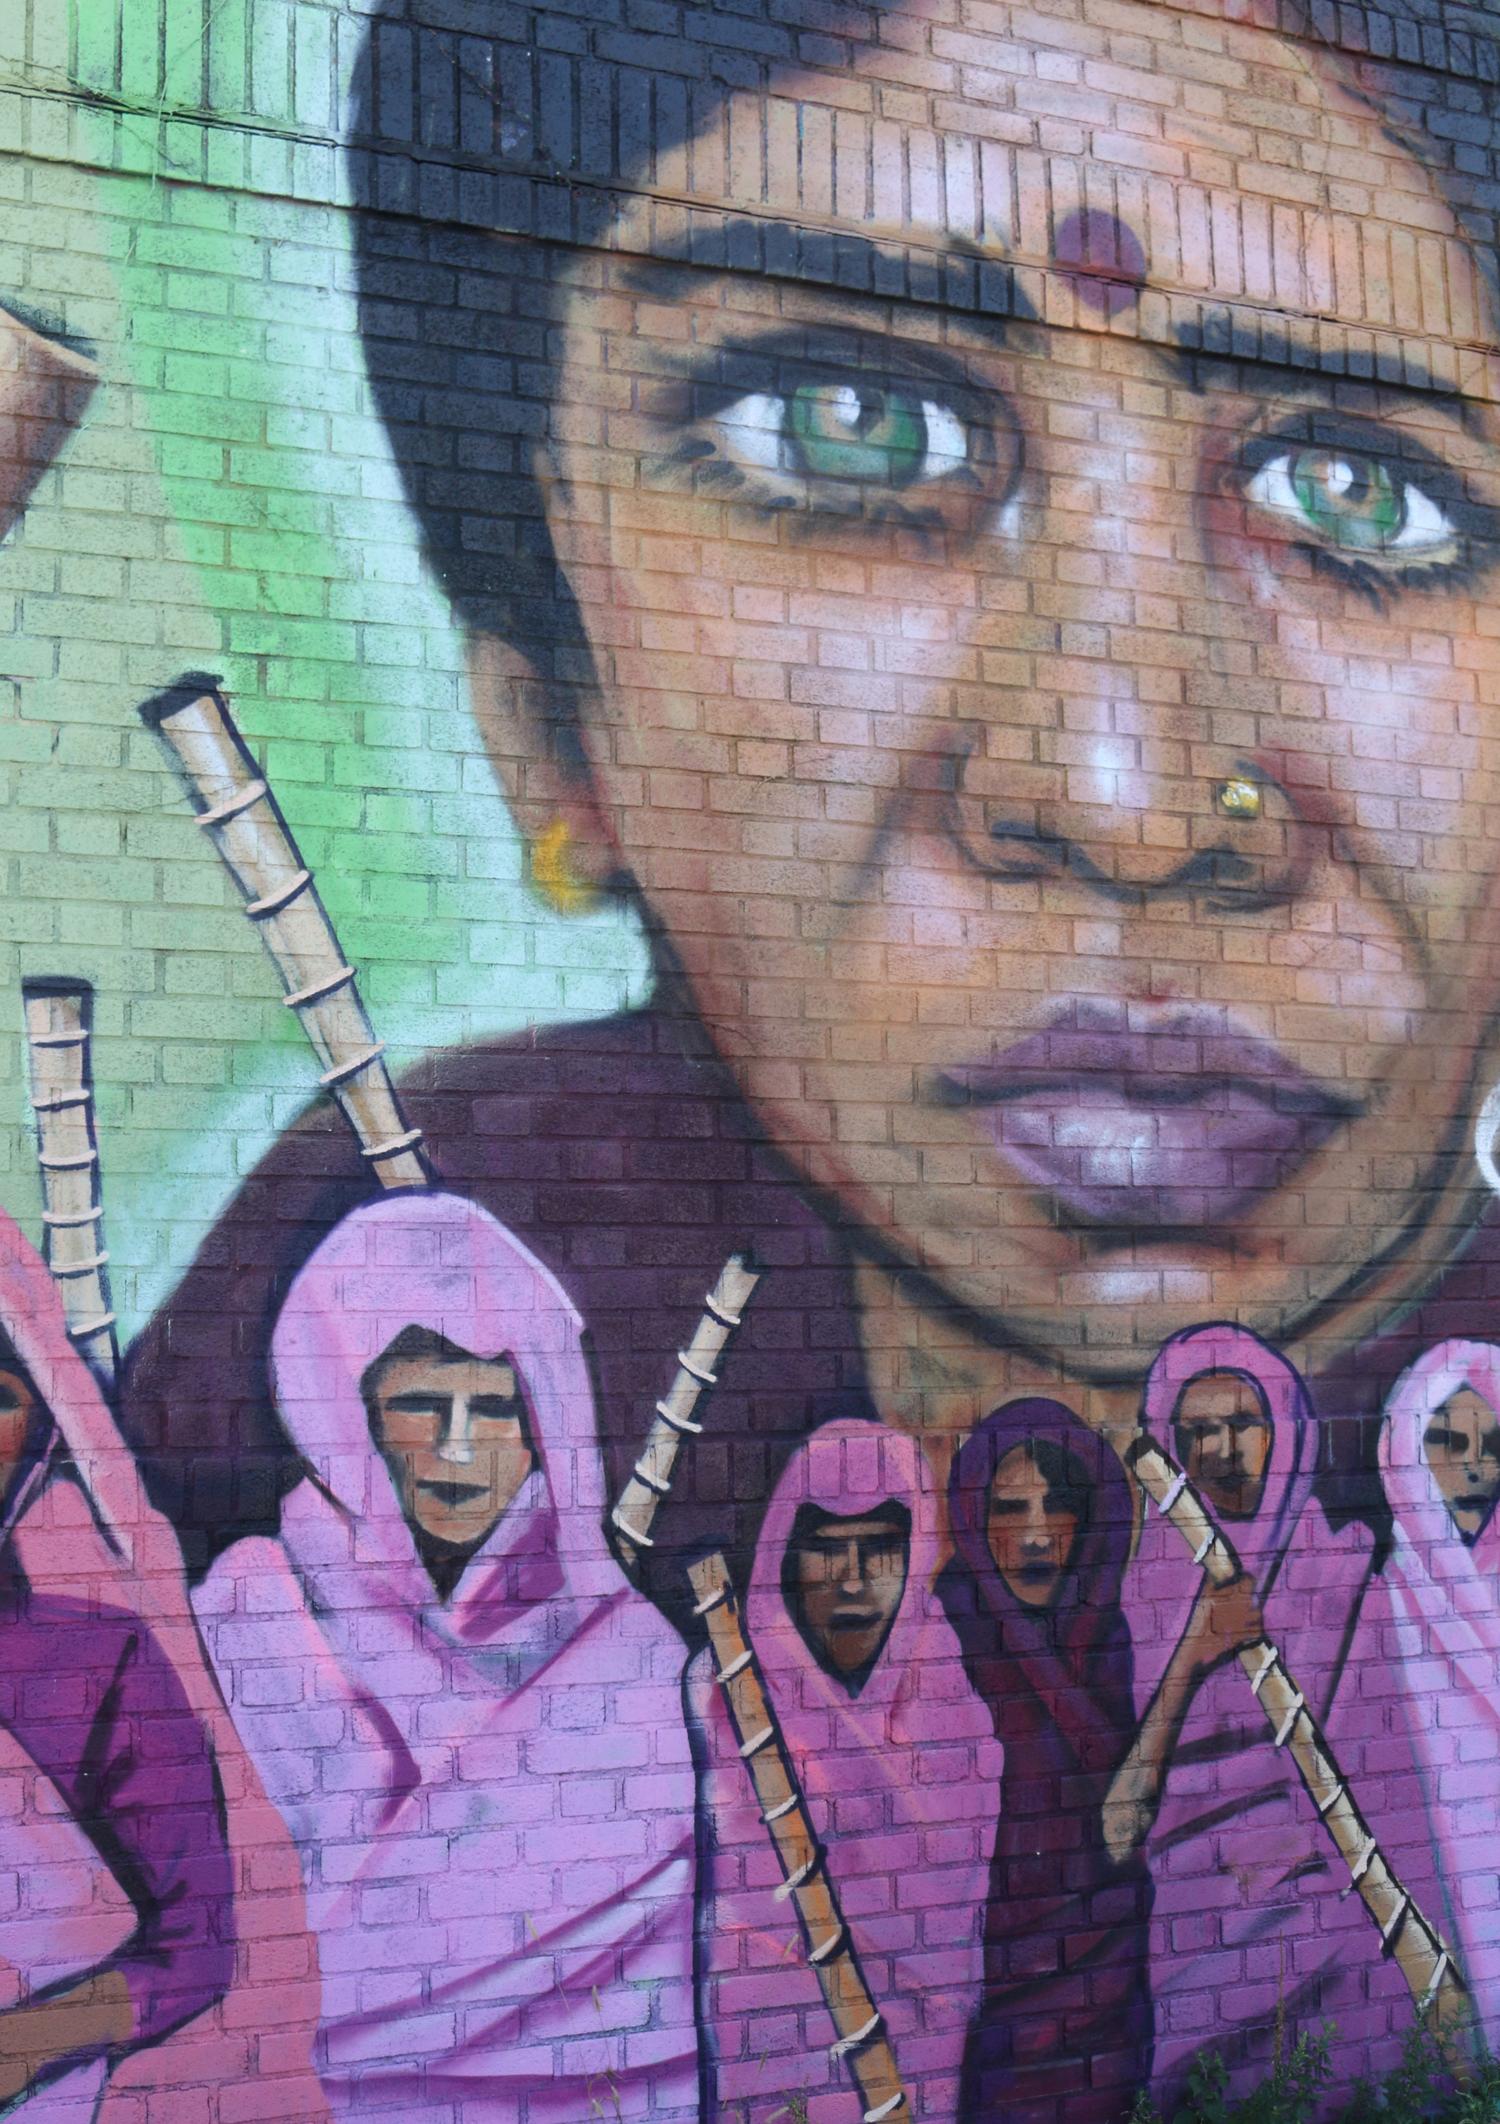 queens street art graffiti